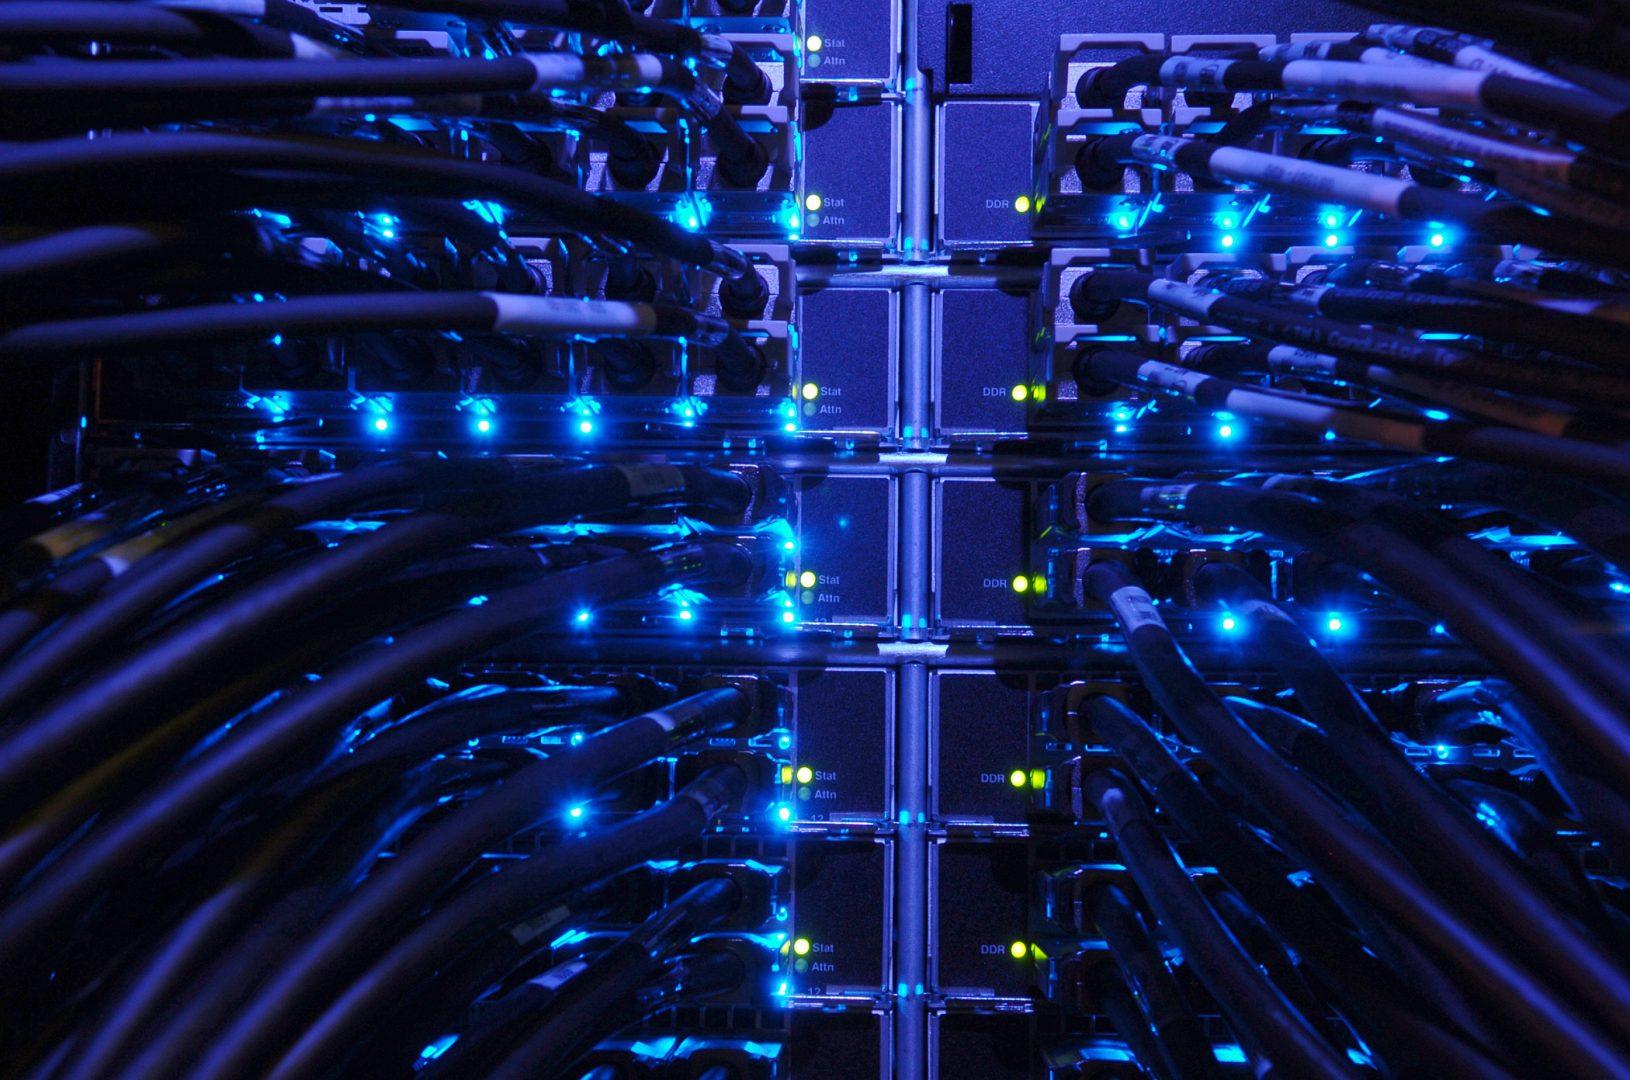 VMware et NetApp concluent une alliance pour évoluer ensemble dans le domaine de la virtualisation